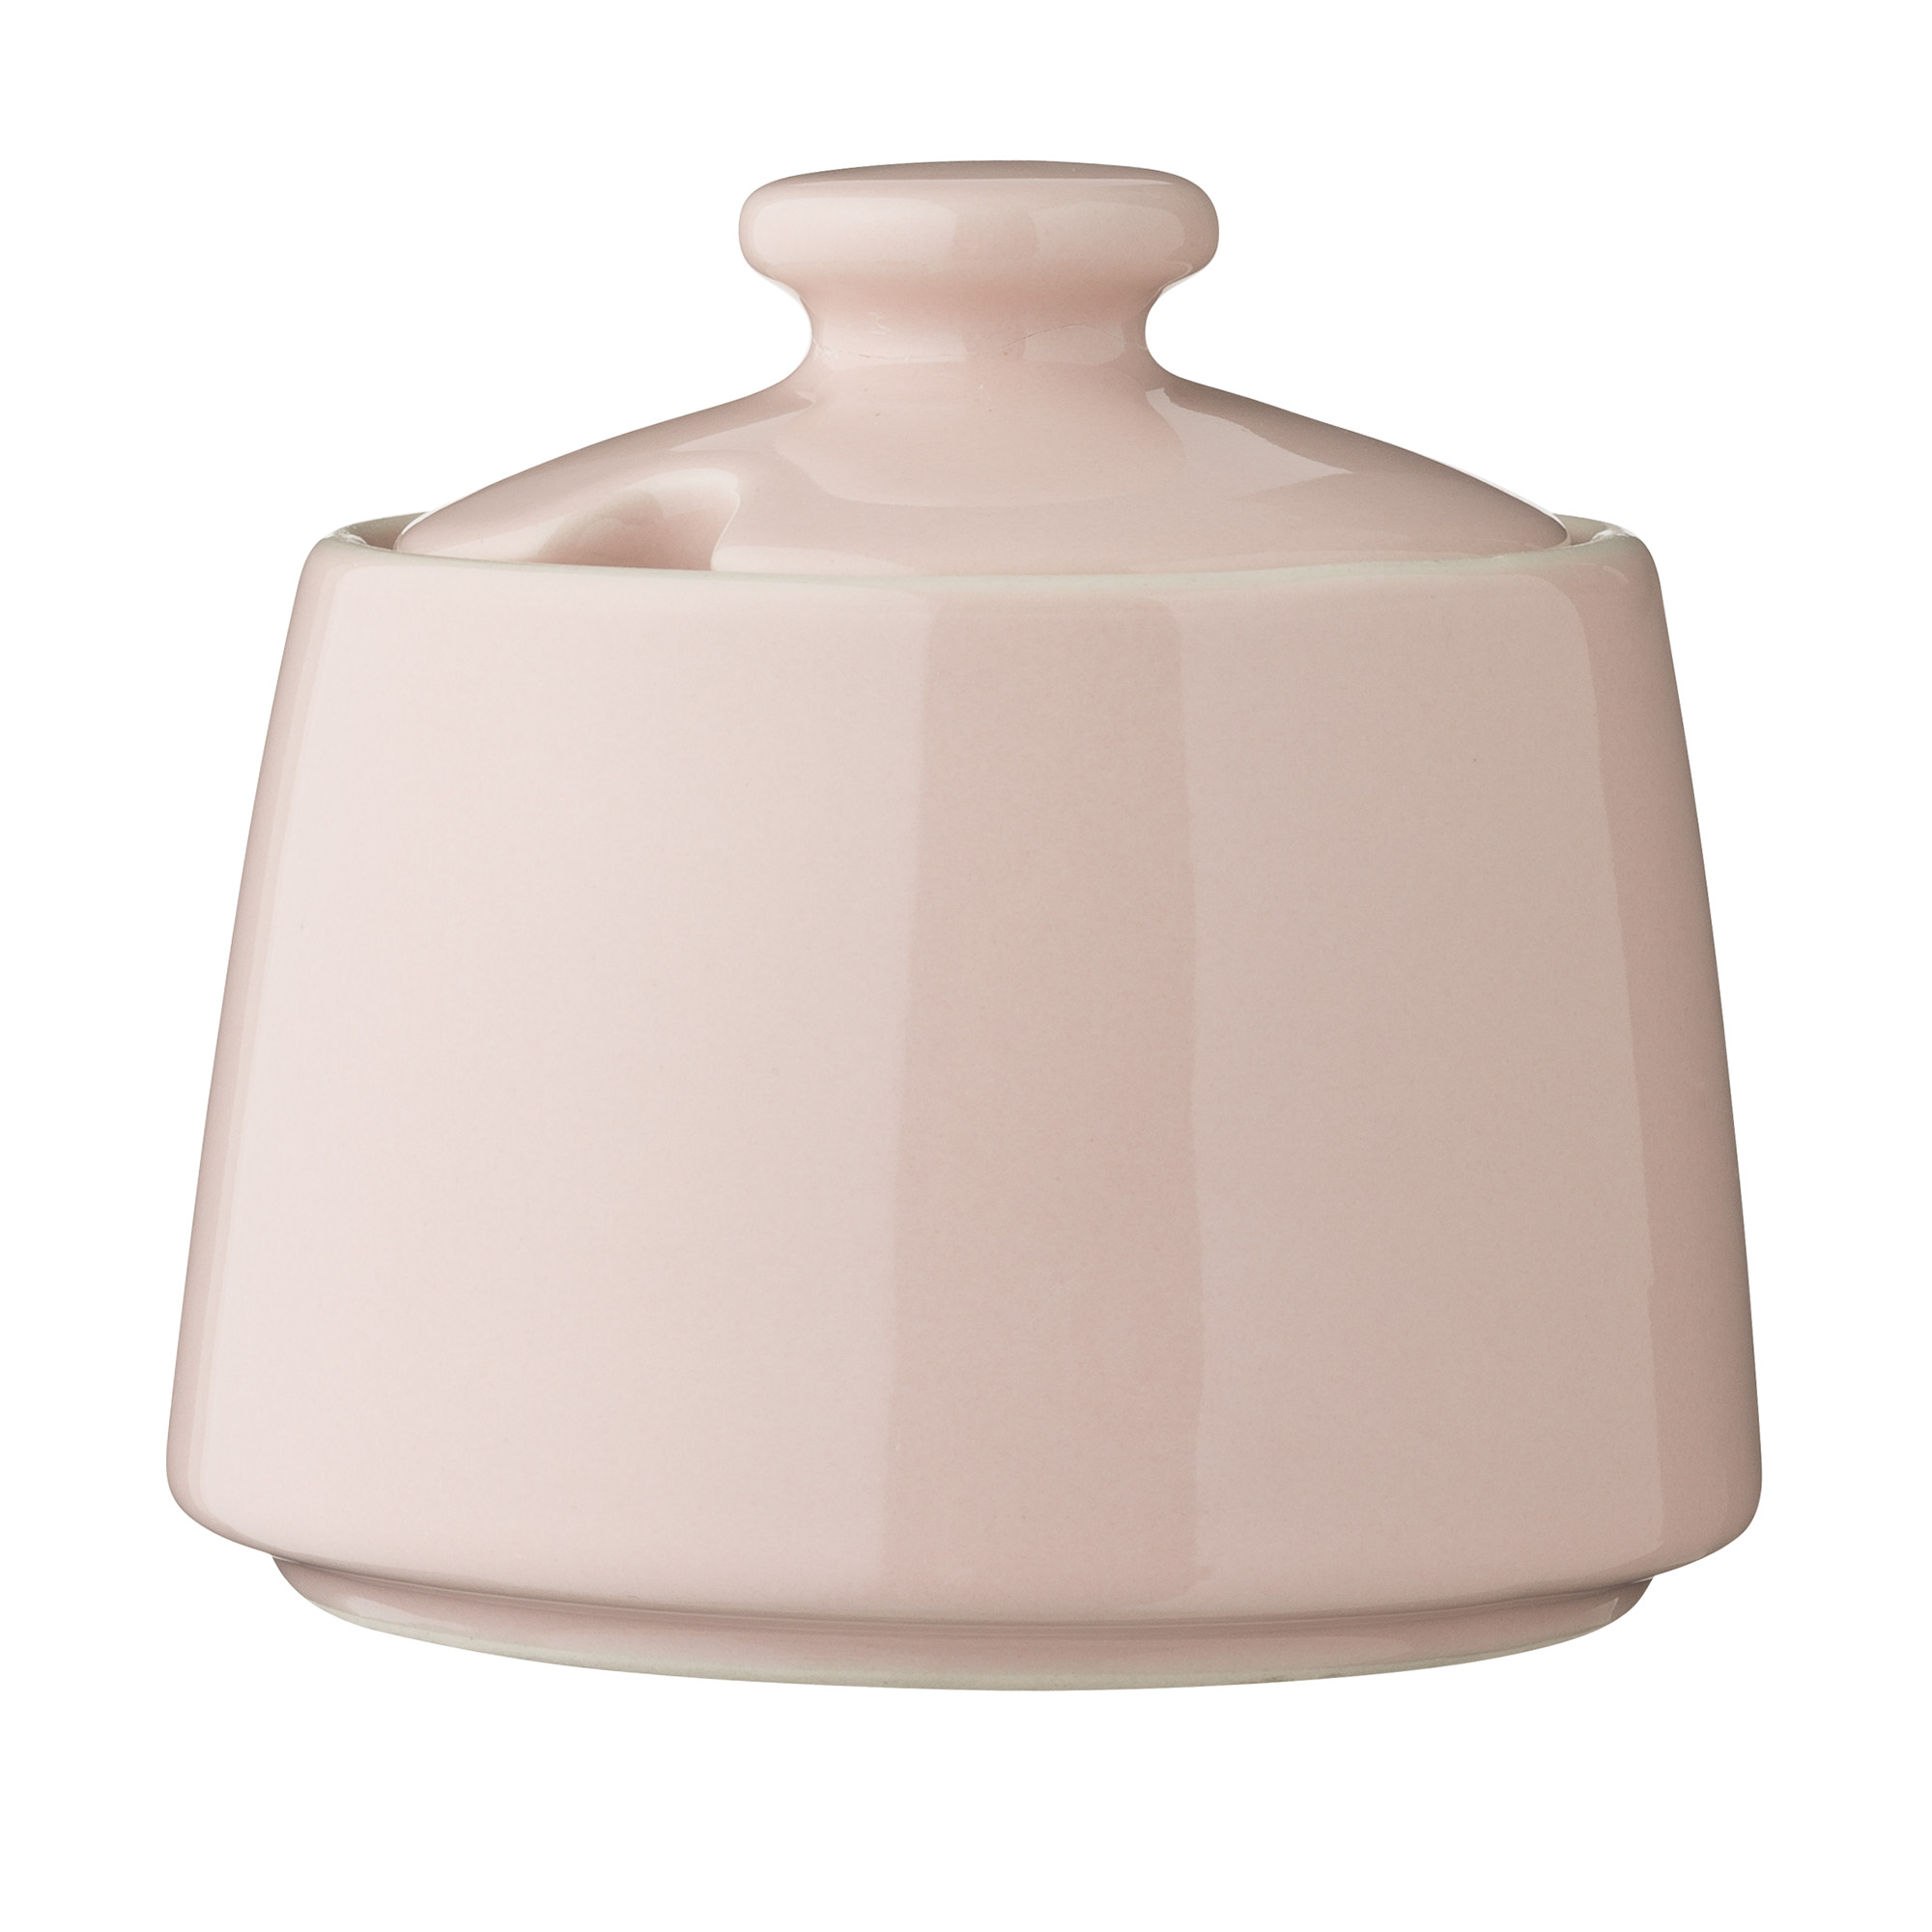 Купить Сахарница Bloomingville розовая, Розовый, Керамика